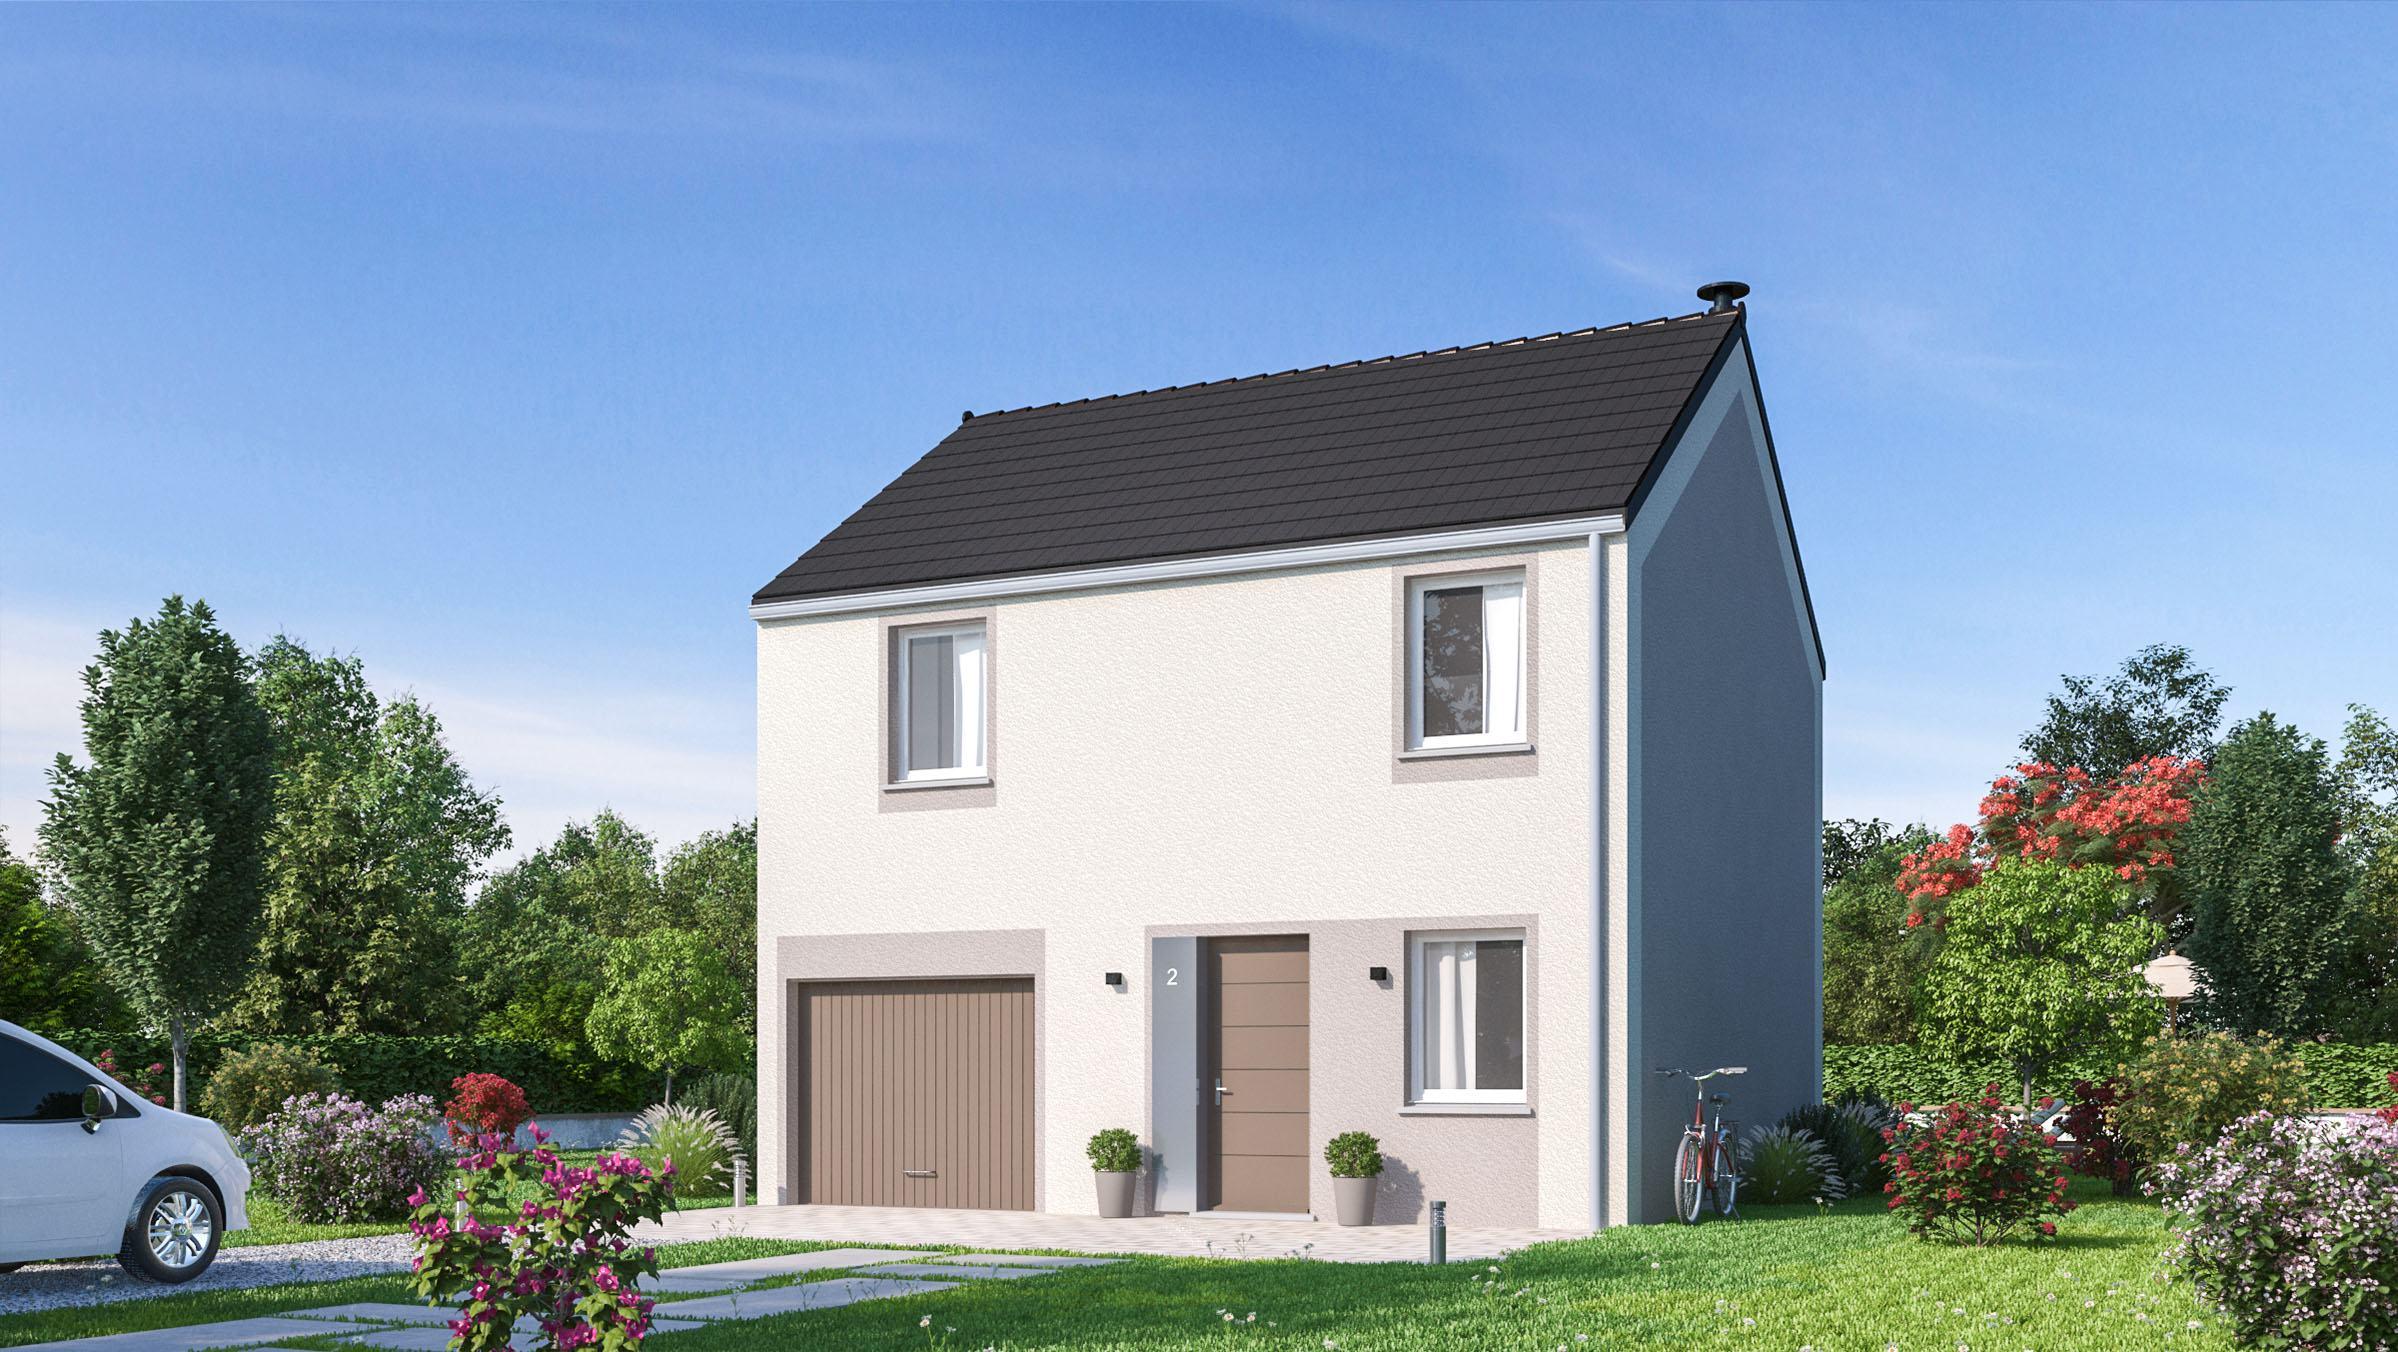 Maisons + Terrains du constructeur MAISONS PHENIX • 83 m² • PONT A MOUSSON